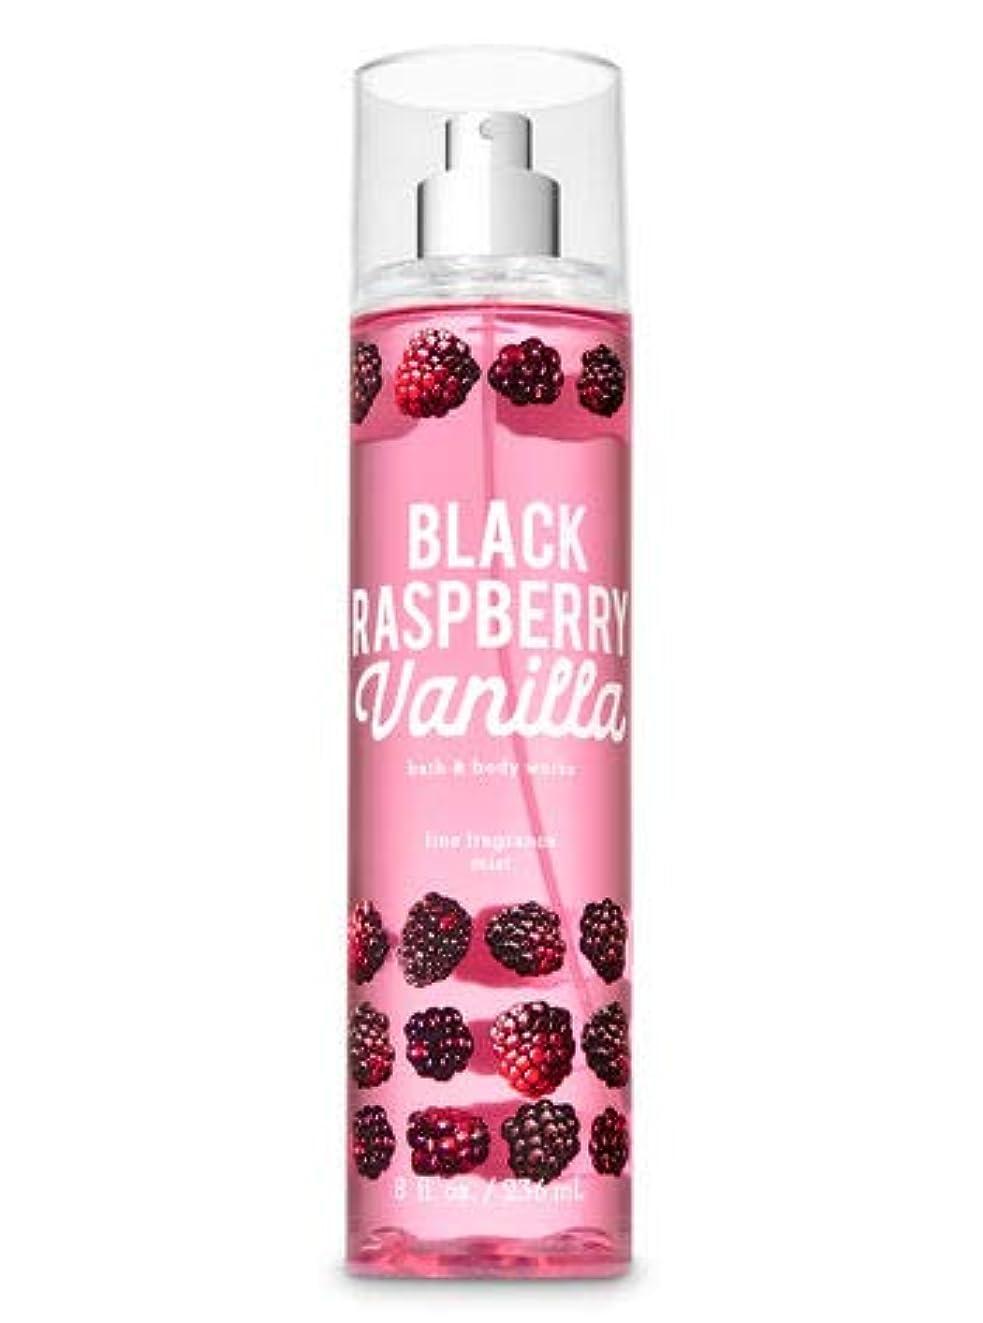 毎月可決浮く【Bath&Body Works/バス&ボディワークス】 ファインフレグランスミスト ブラックラズベリーバニラ Fine Fragrance Mist Black Raspberry Vanilla 8oz (236ml) [並行輸入品]